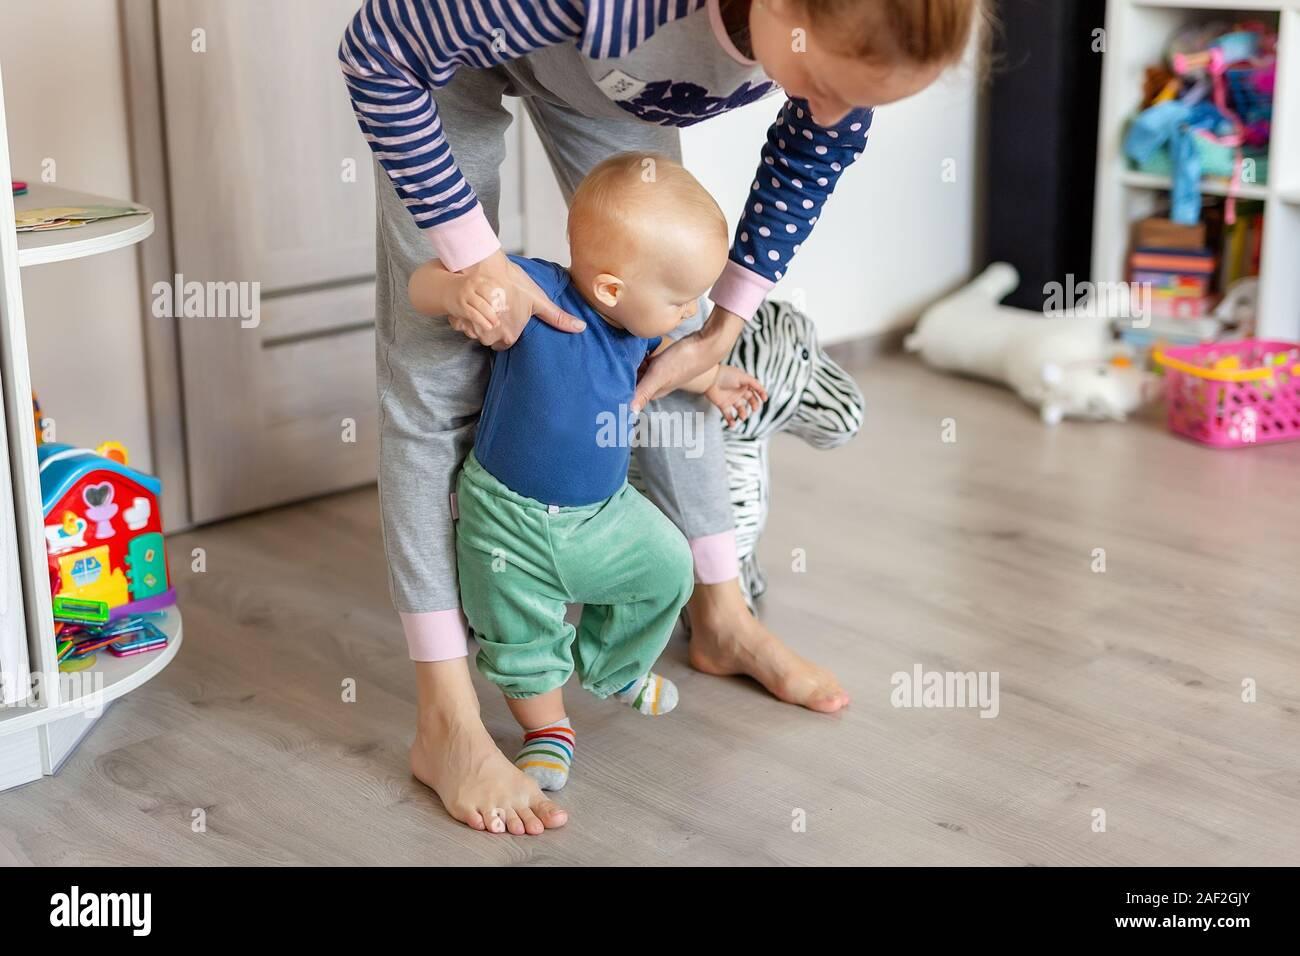 Jolie petite blonde adorable bébé garçon faire les premières étapes avec le soutien aux mères dans les jeux à la maison. Happy funny enfant qui apprend à marcher avec l'aide de MOM Banque D'Images